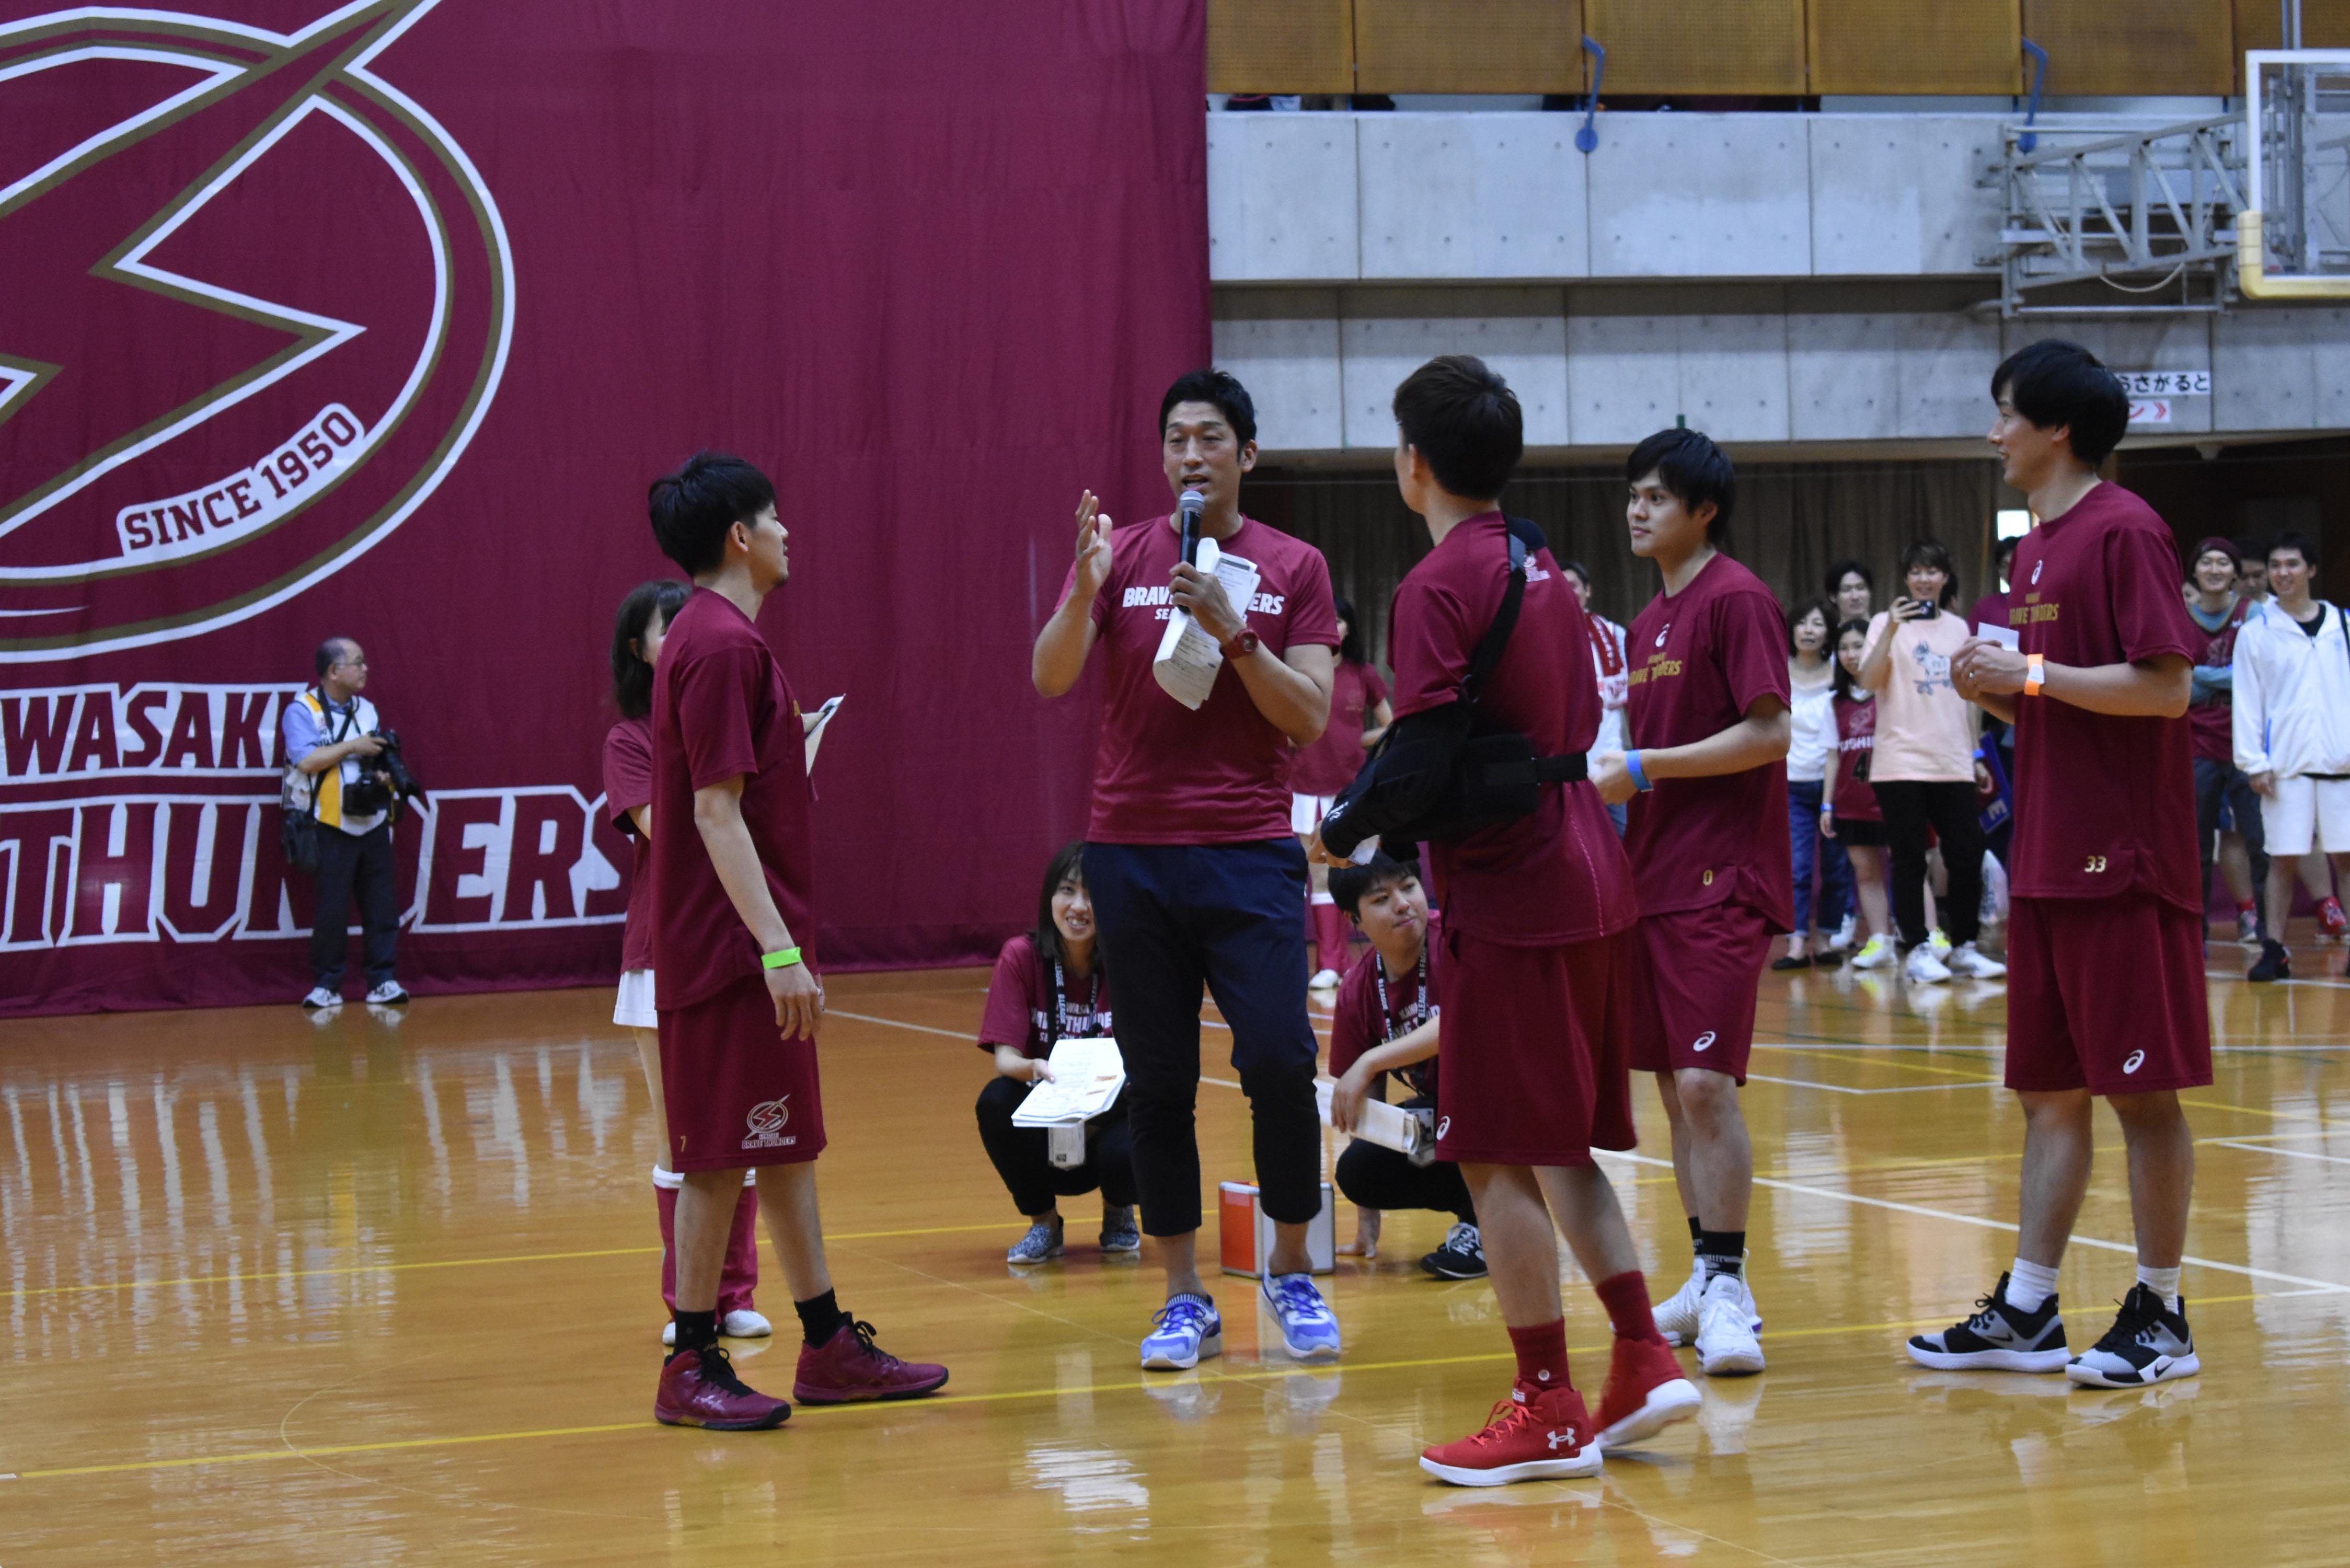 《6月10日更新》川崎ブレイブサンダース「ファン感謝祭」憧れの選手がそこに!抽選で400人が参加